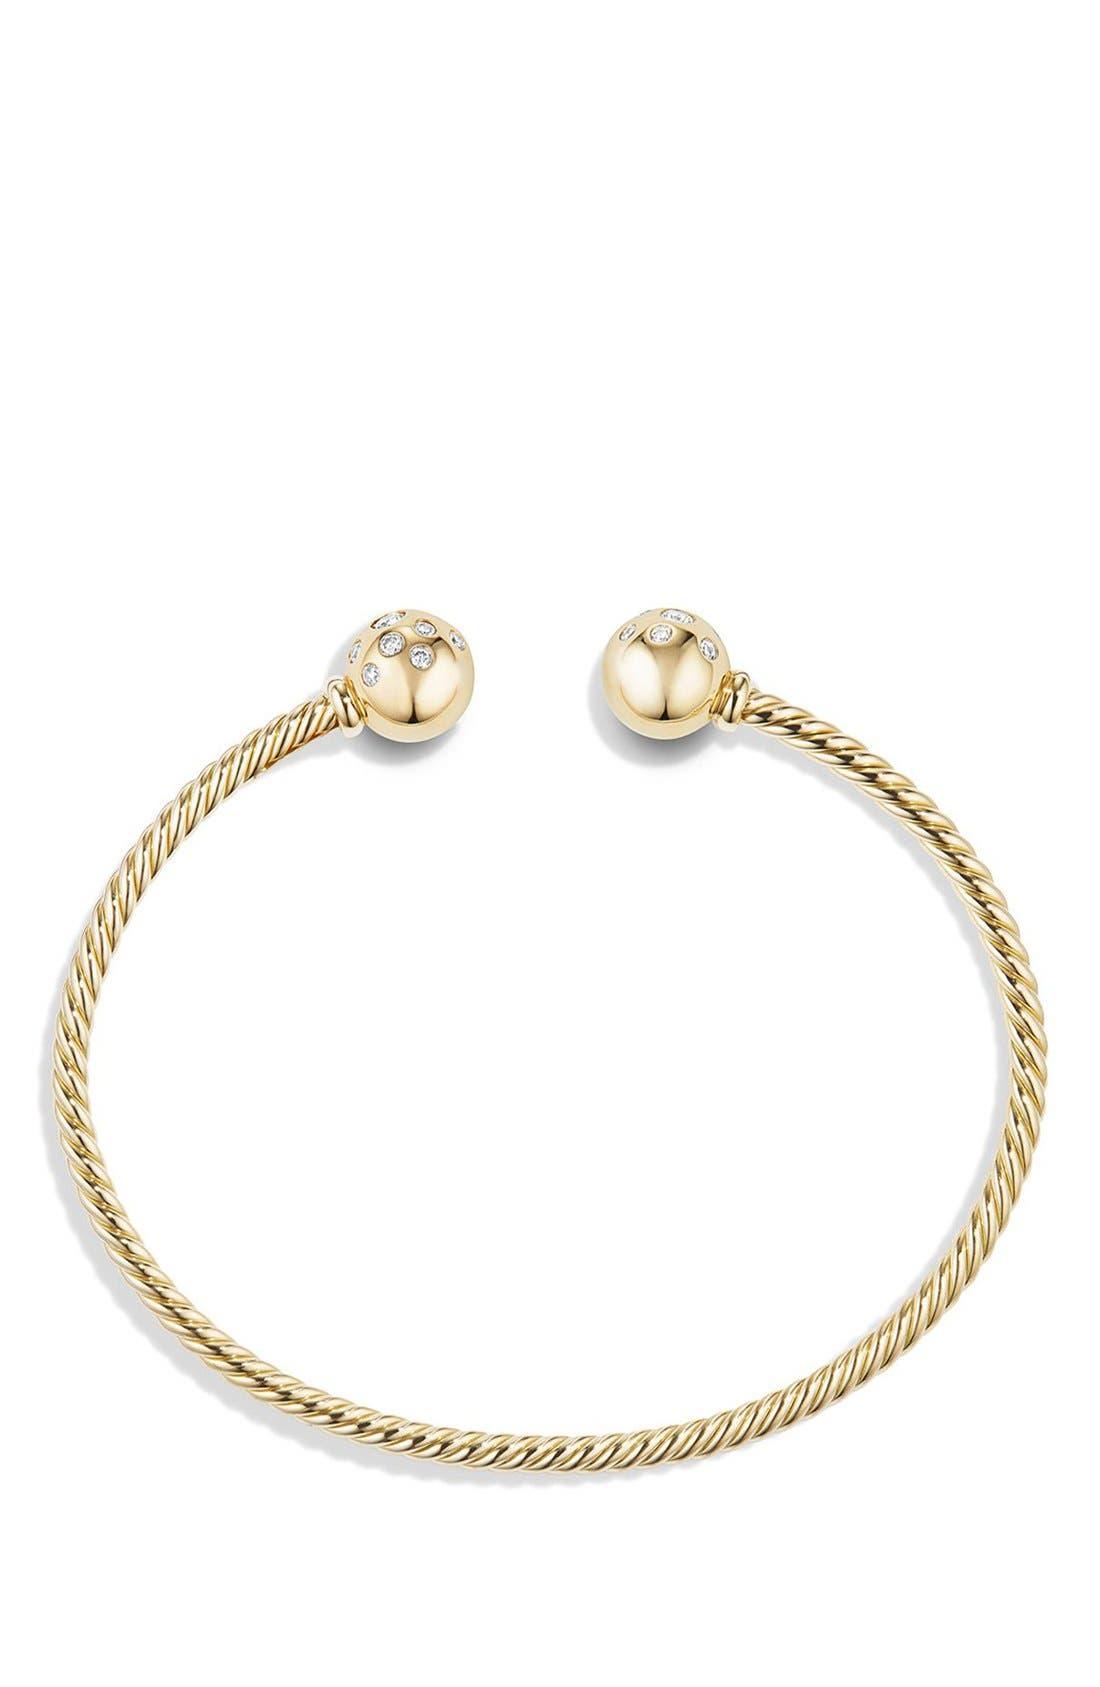 Alternate Image 2  - David Yurman 'Solari' Bracelet with Diamonds in 18K Gold